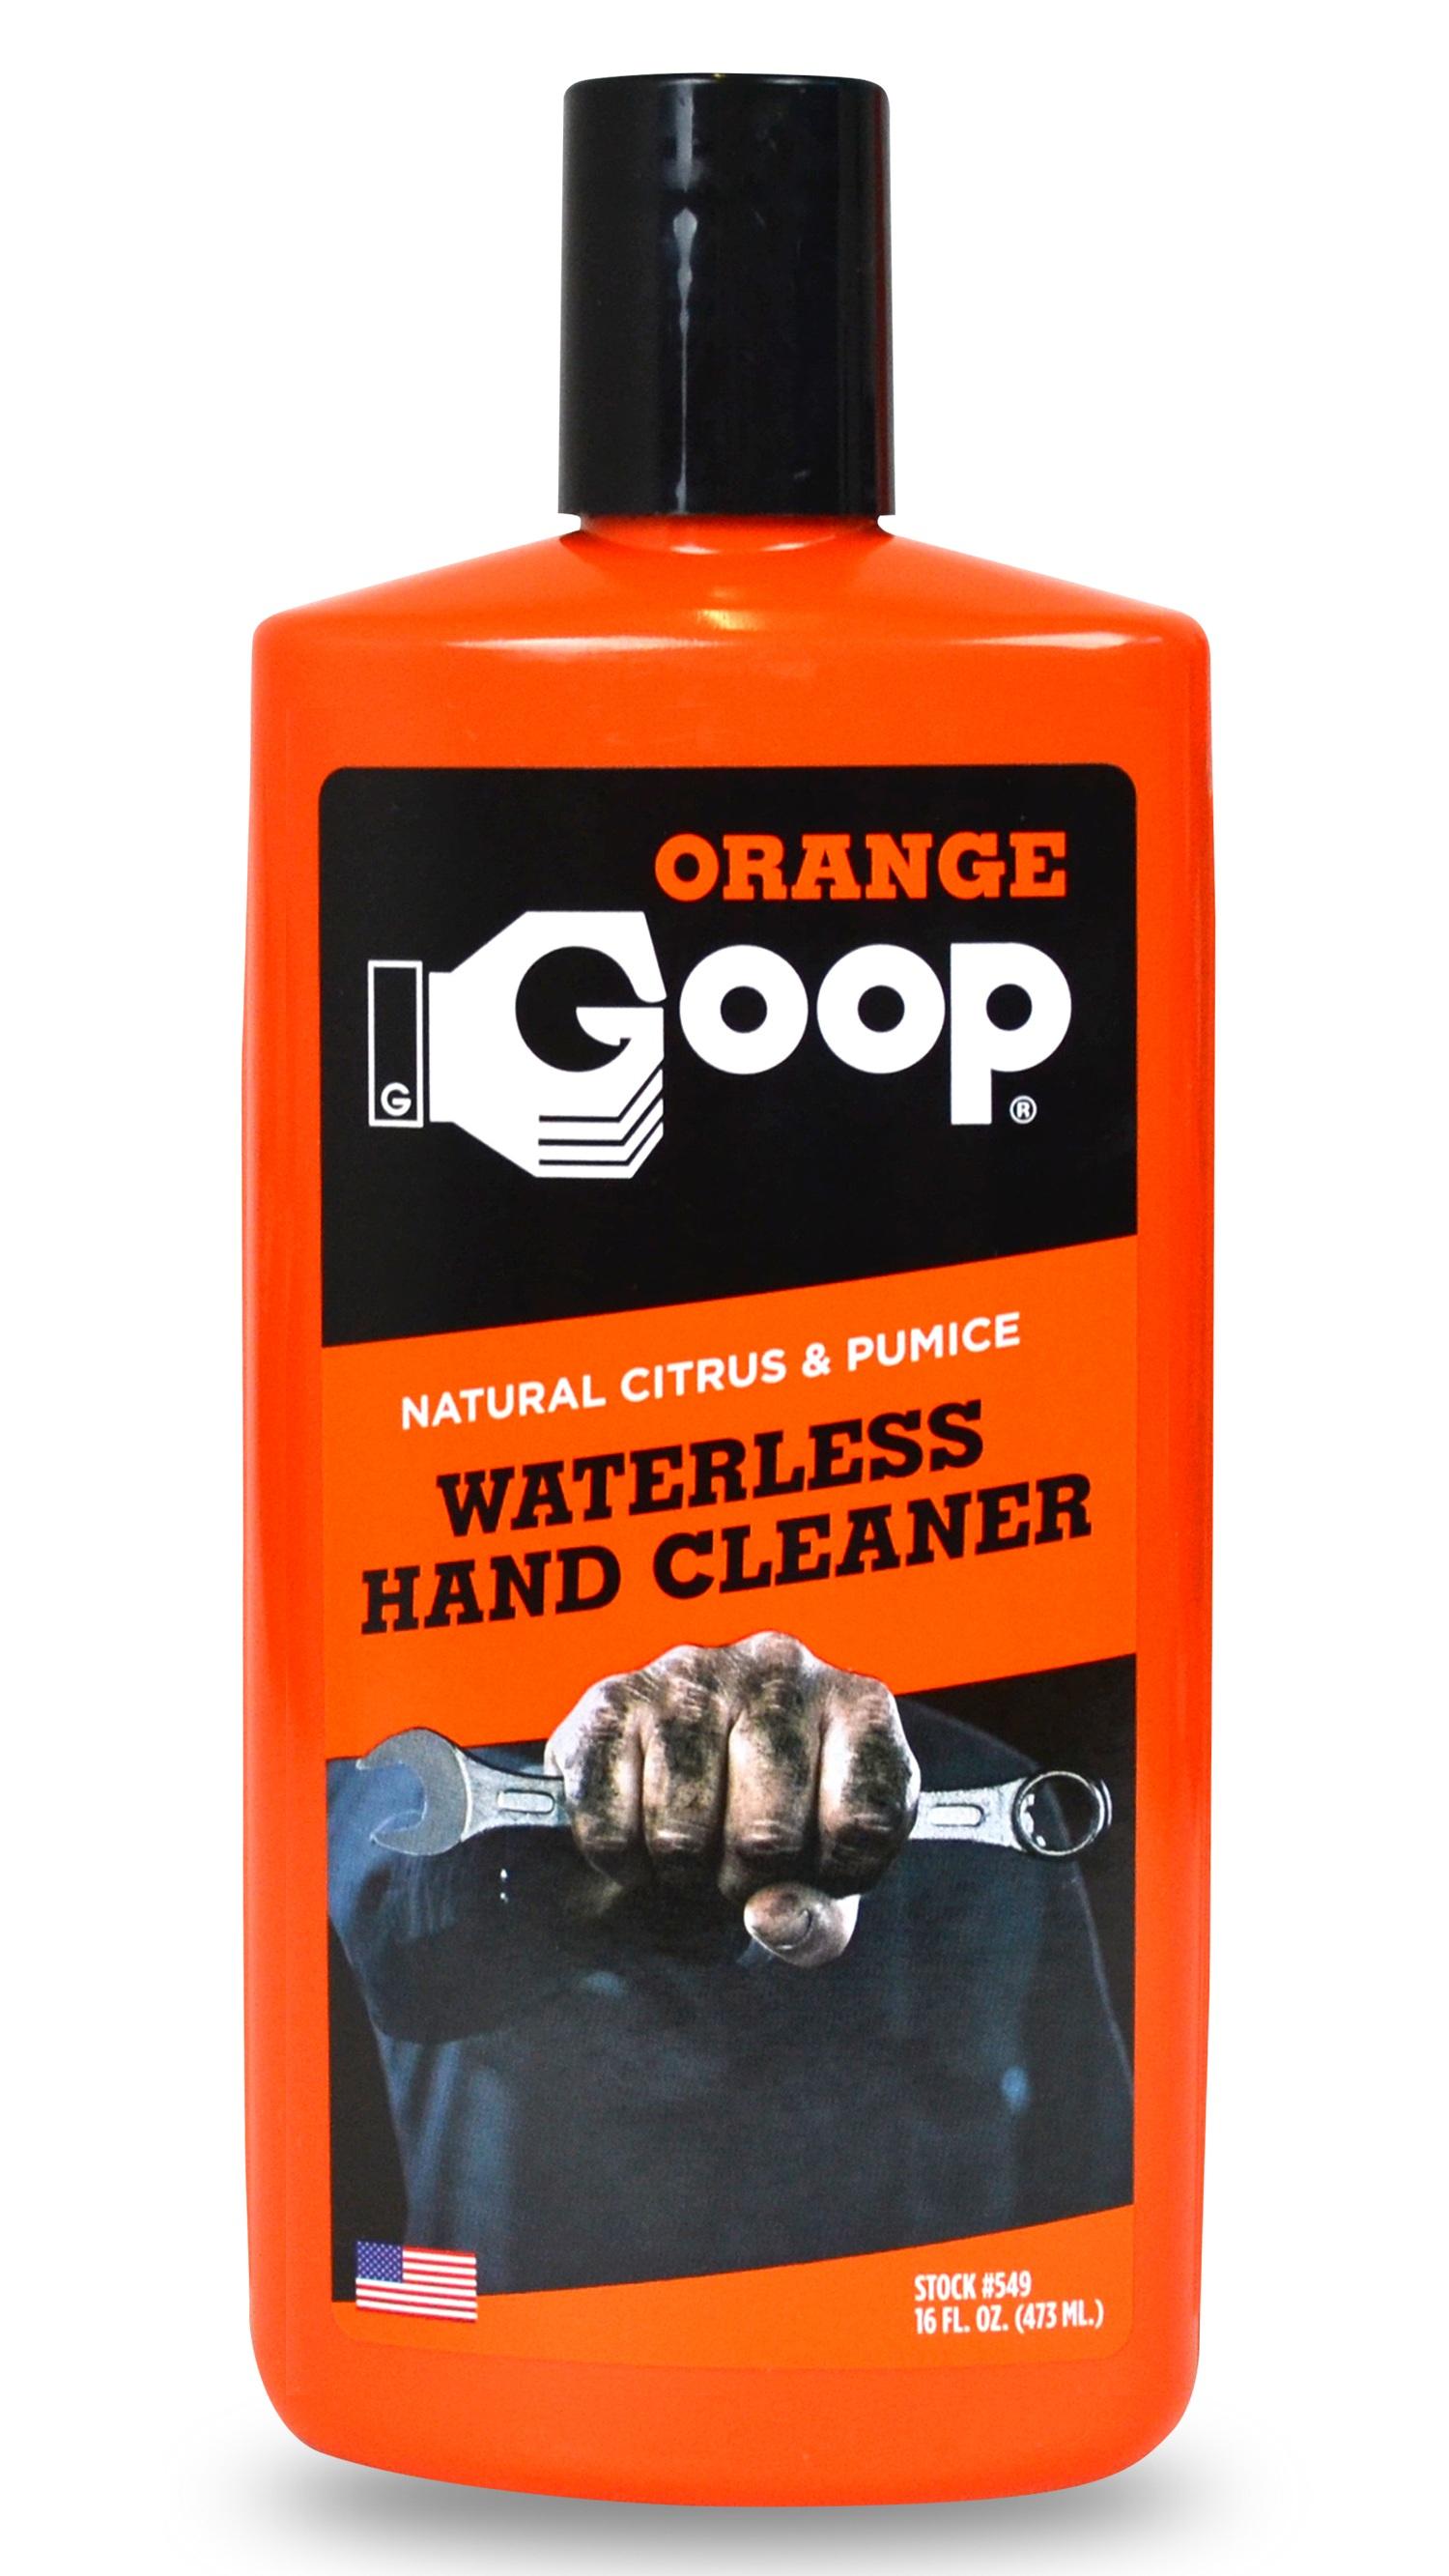 Moms-Goop-Orange-549-PumiceBottle16oz.jpg